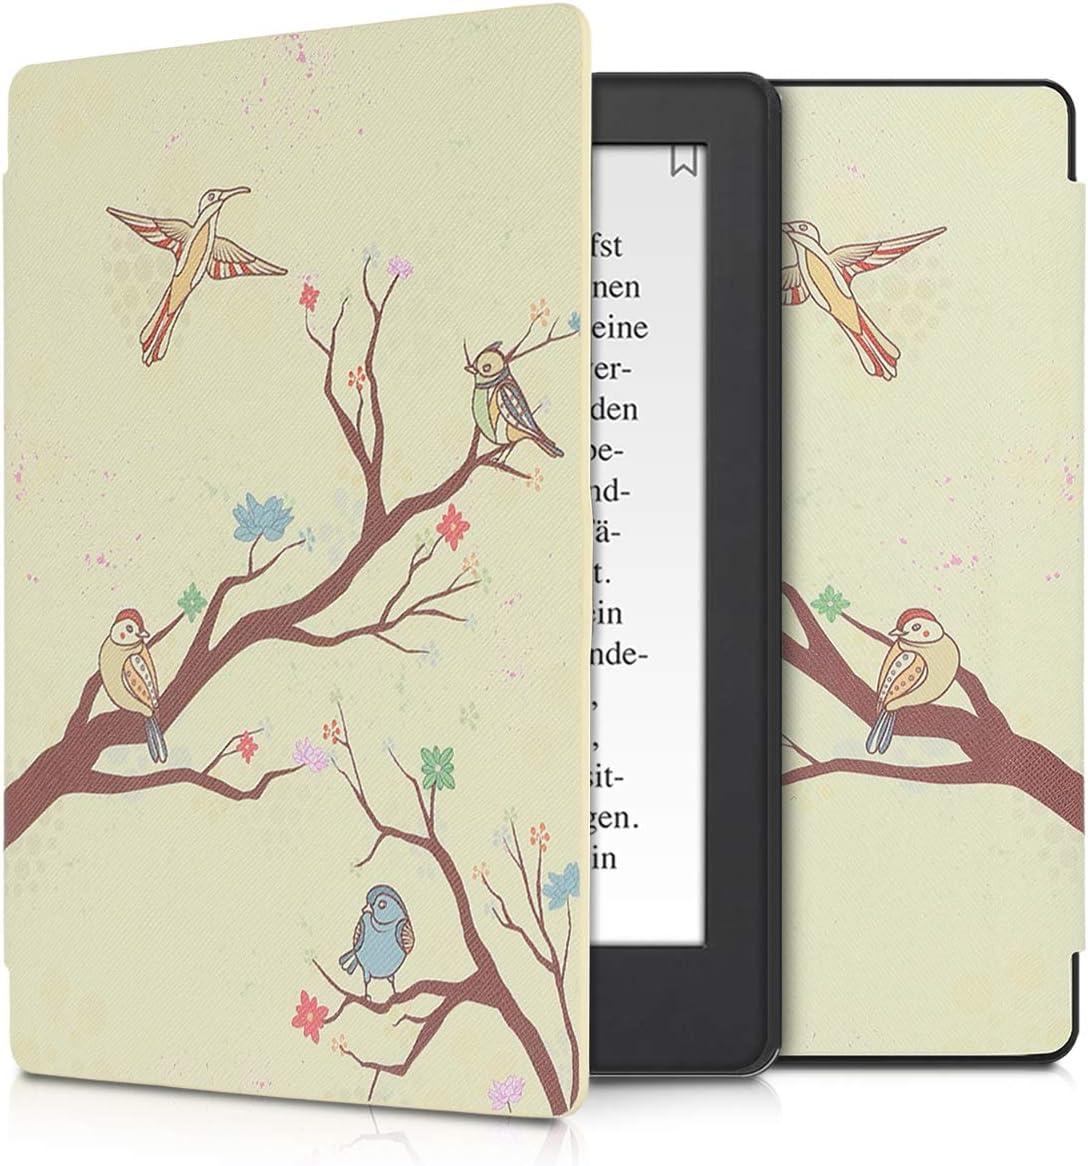 Oiseaux Orange-Marron-Beige Housse avec Rabat magn/étique en Simili Cuir kwmobile /Étui liseuse Compatible avec Kobo Aura H2O Edition 2